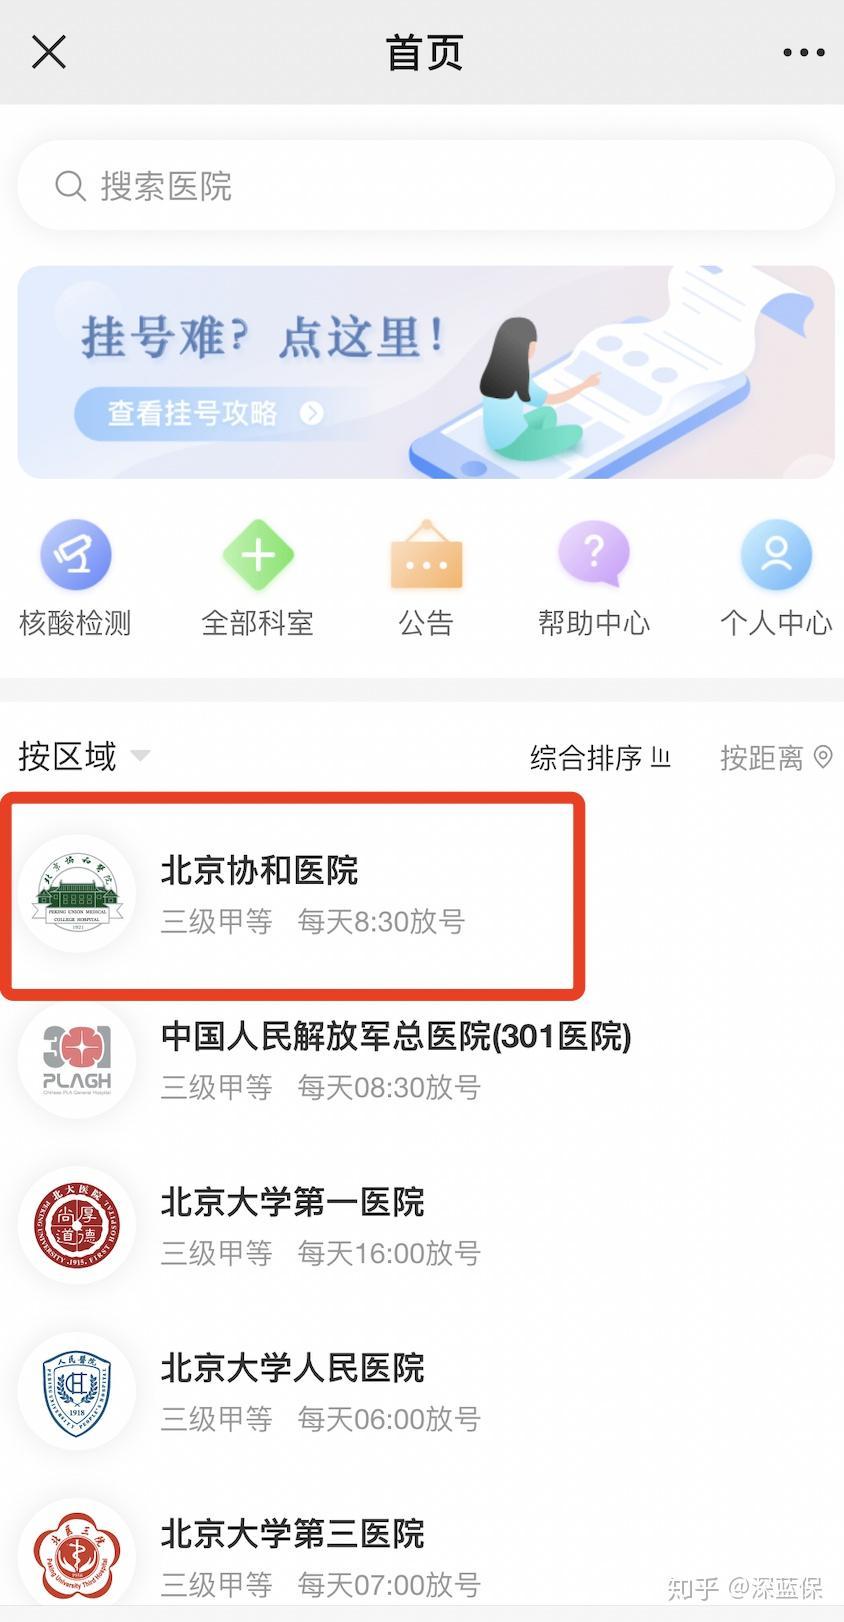 北京协和医院挂号app 北京协和医院app下载